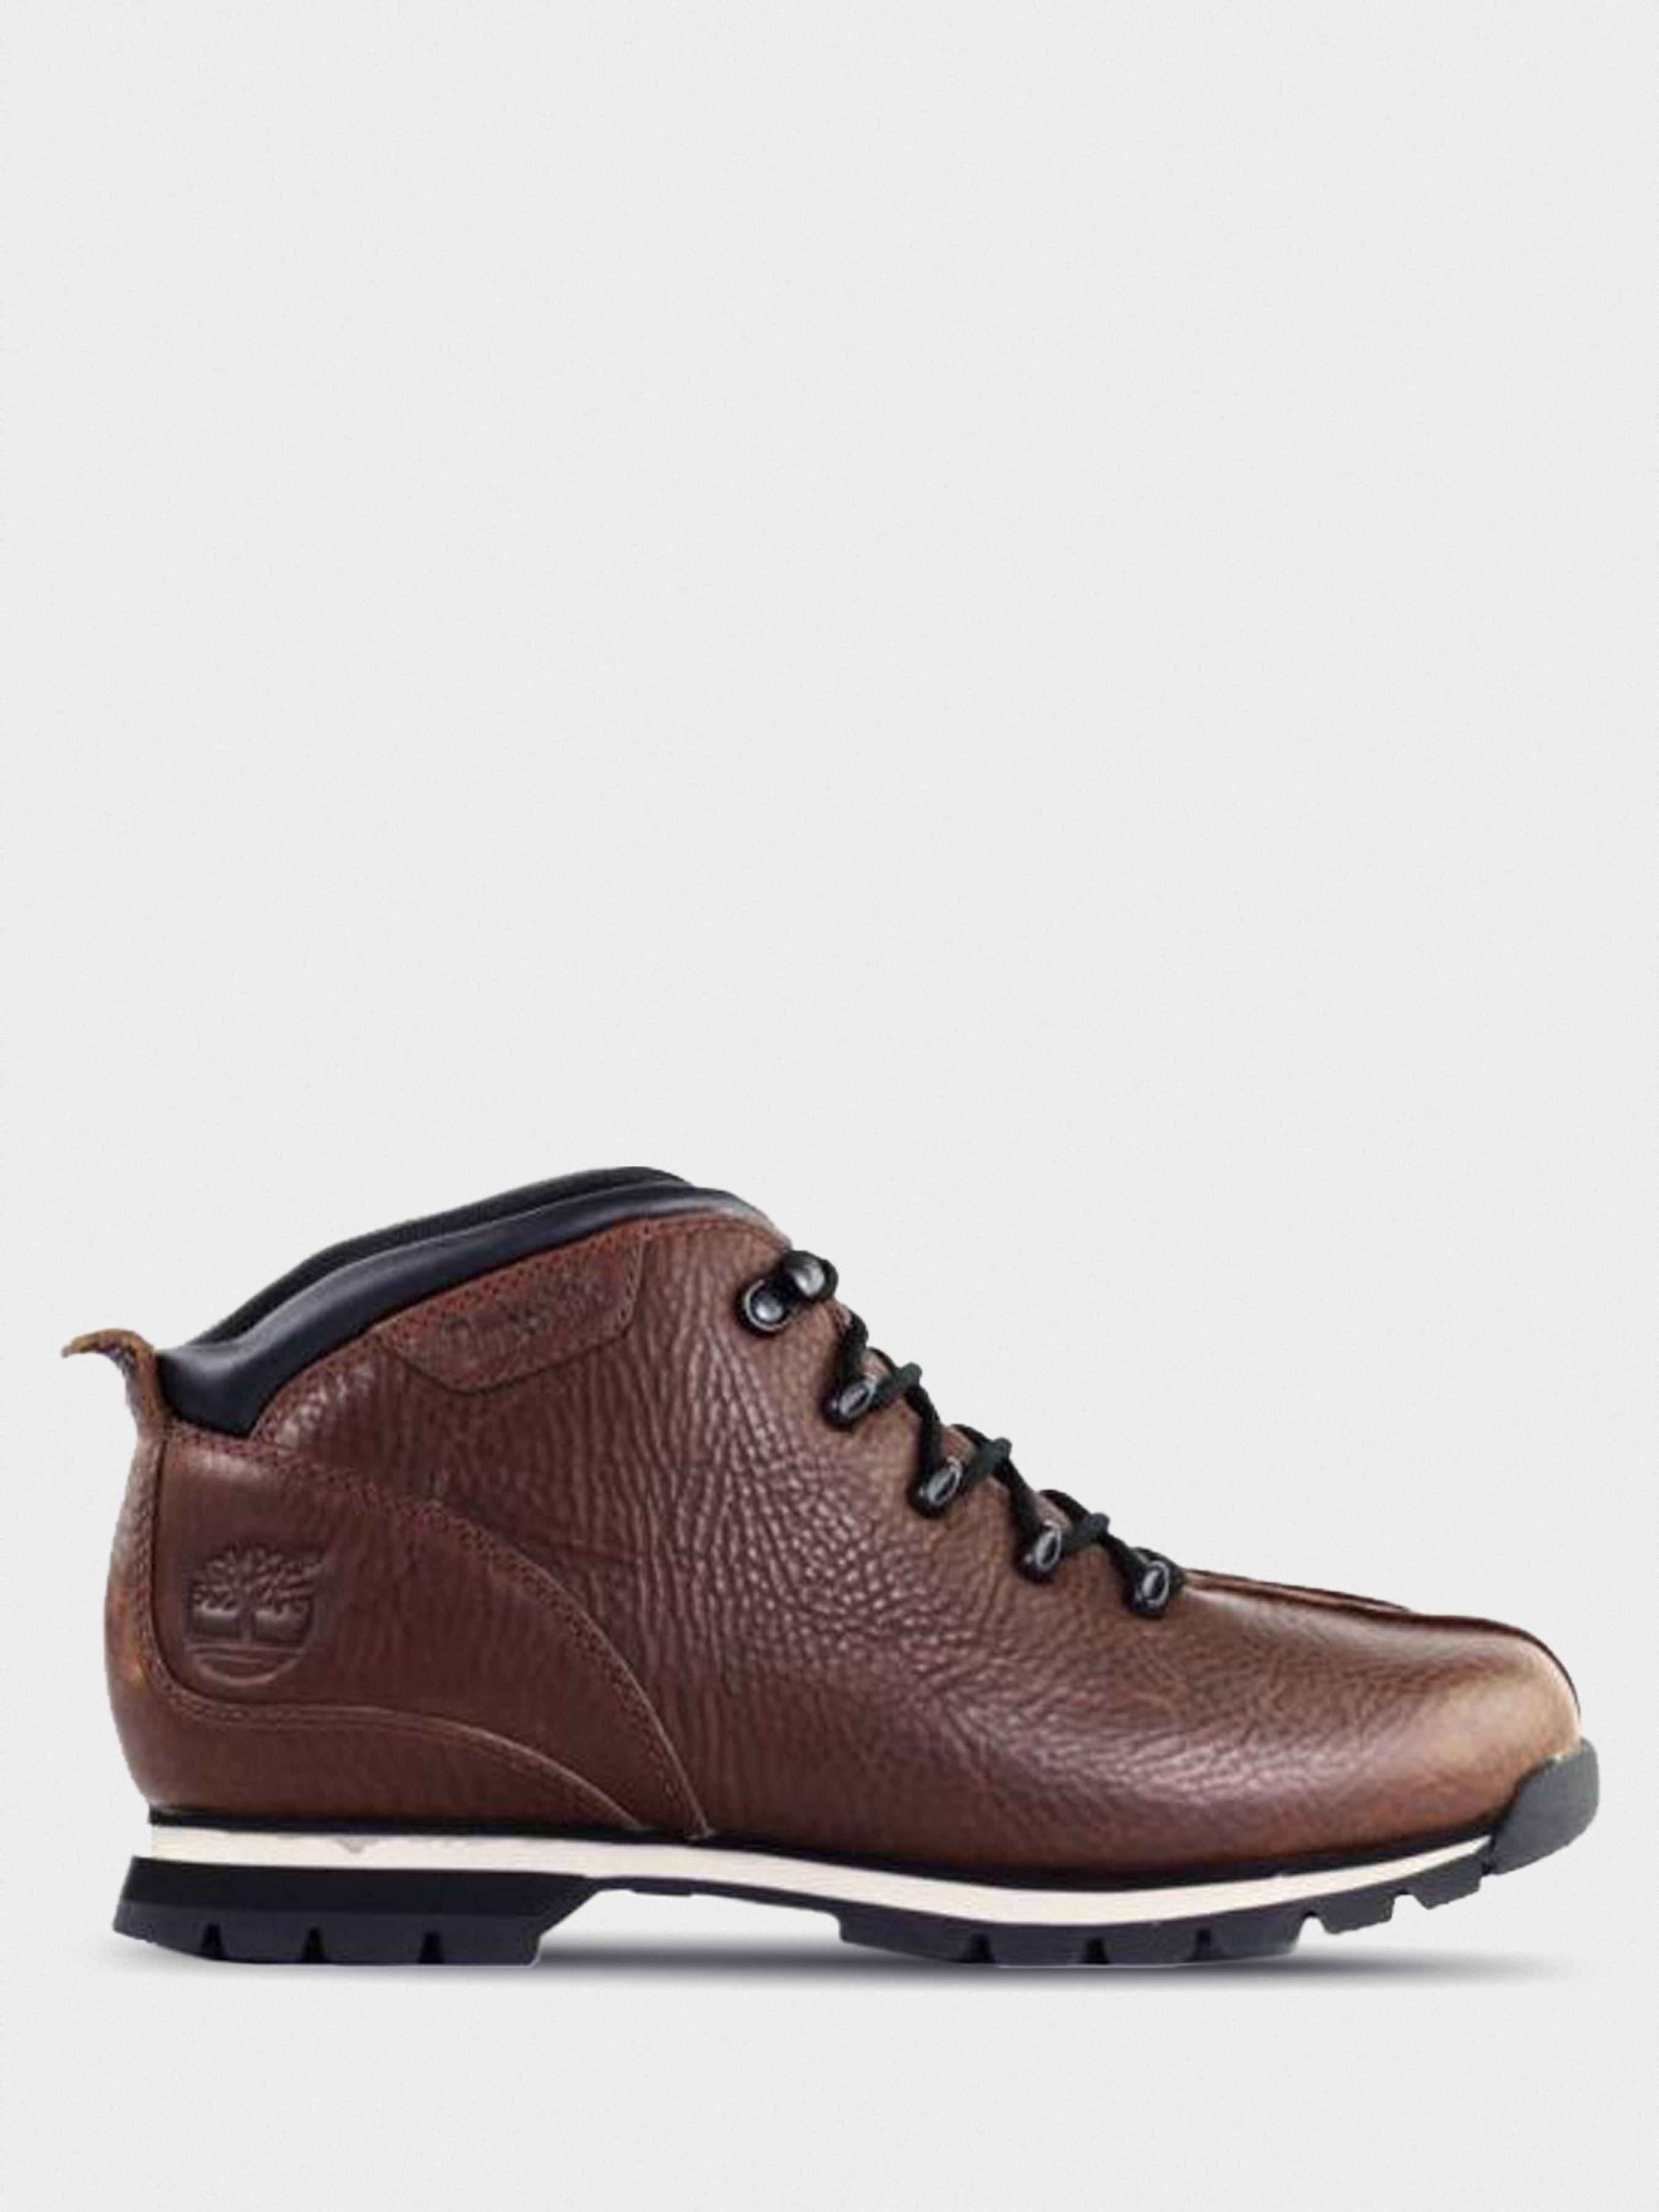 Купить Ботинки мужские Timberland Splitrock Hiker TF3429, Коричневый